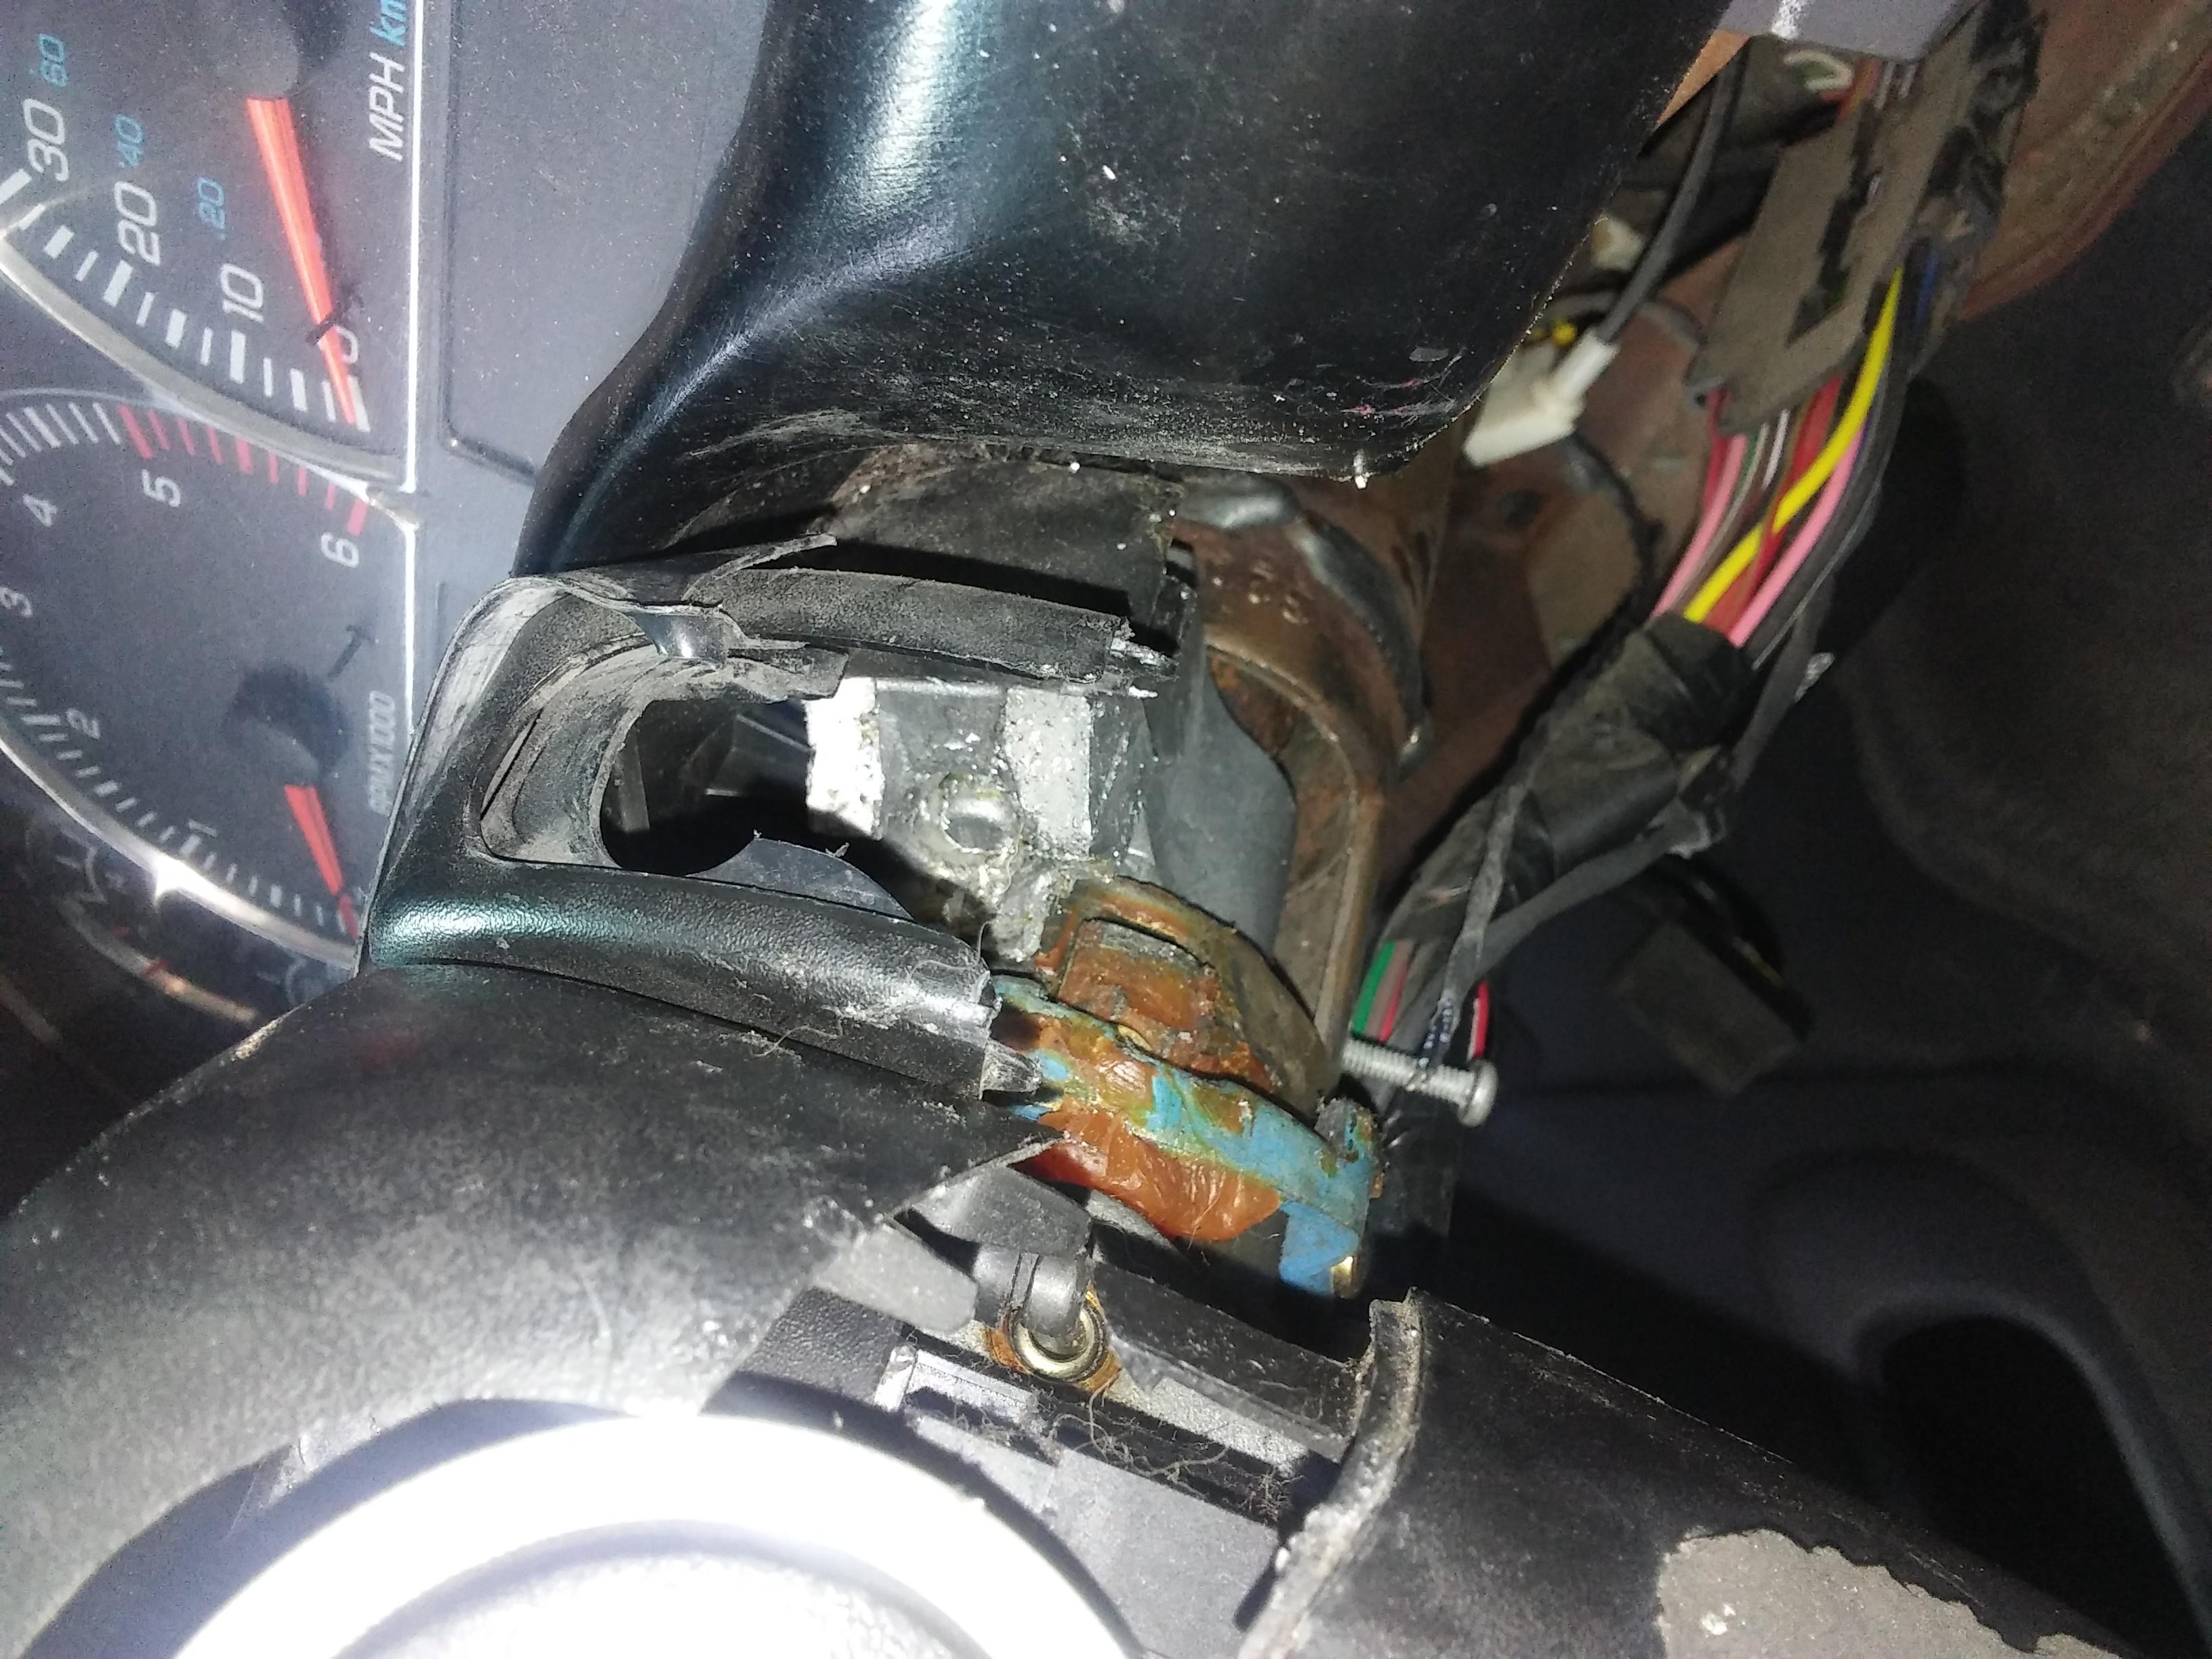 Dodge Ram Column Shifter Broke : dodge, column, shifter, broke, Ultimate, Dodge:, Dodge, Column, Shifter, Broke